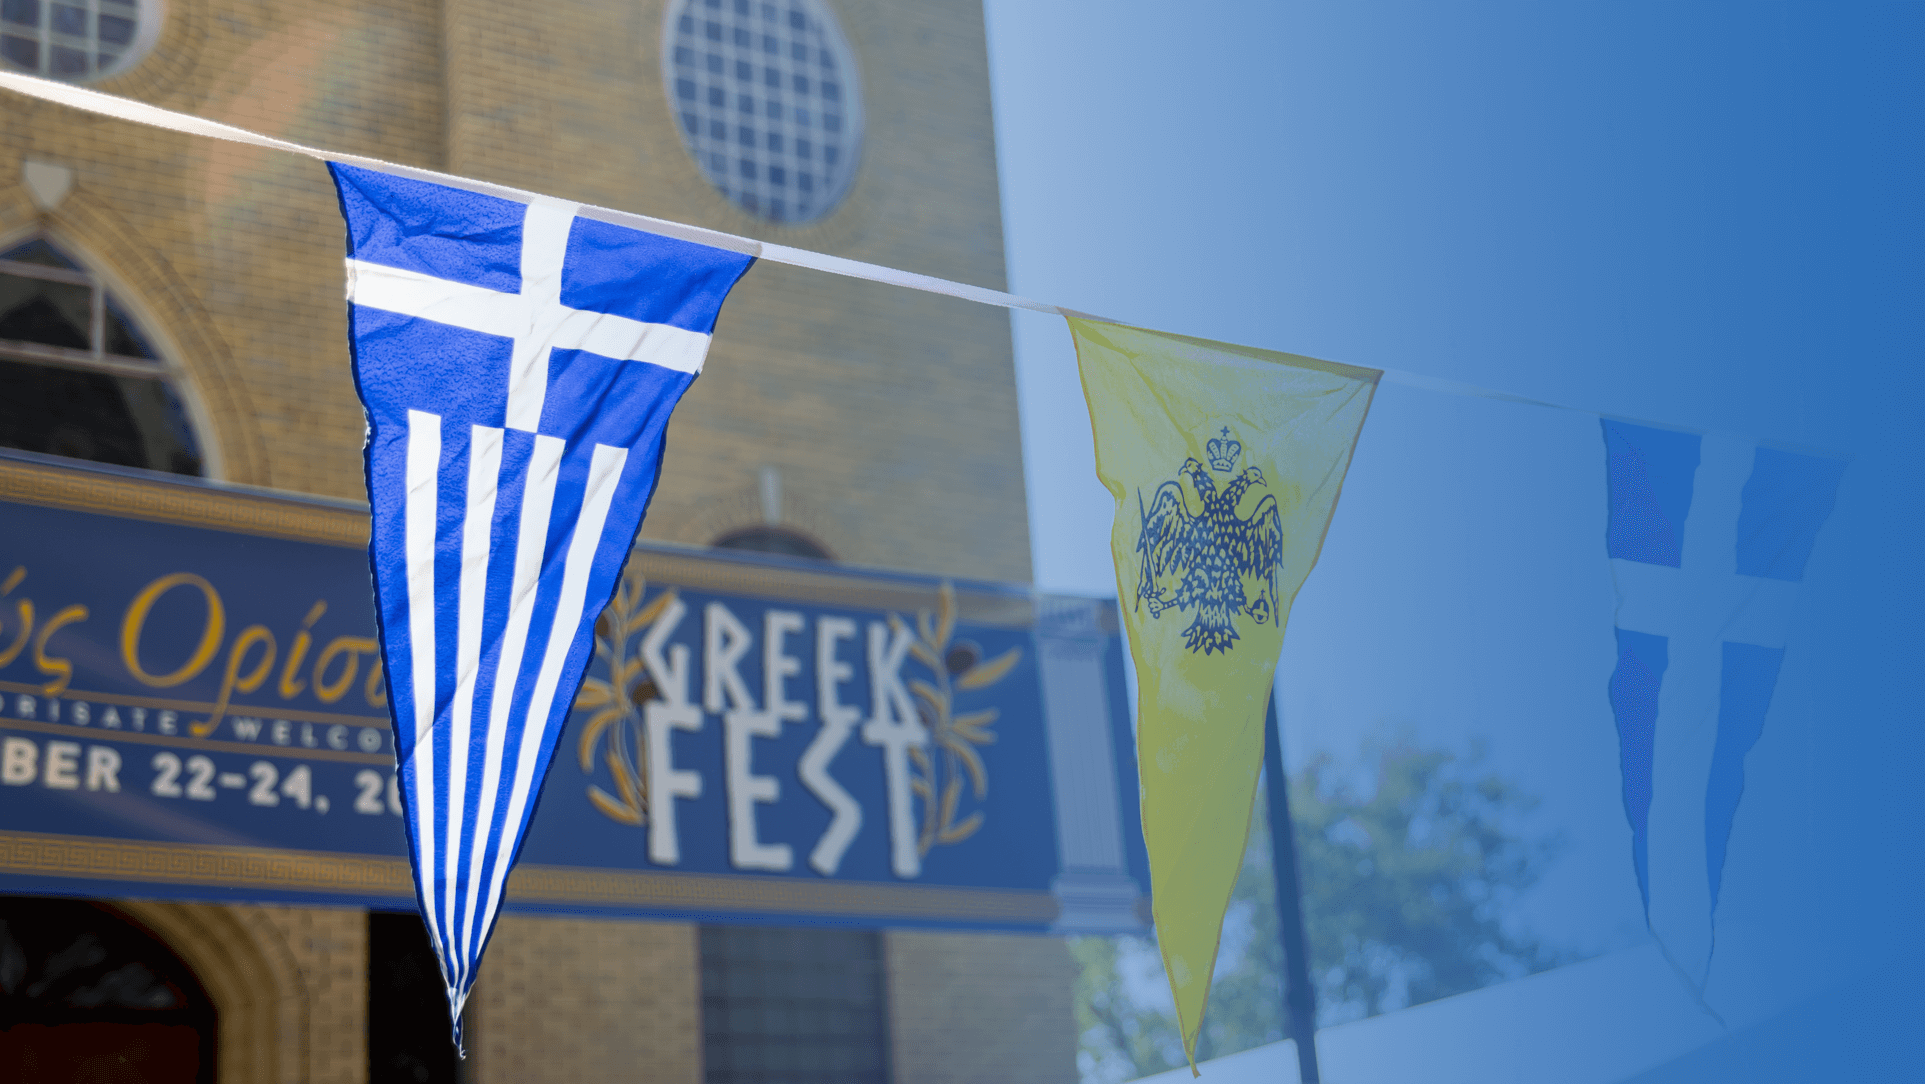 Greek Fest Banner